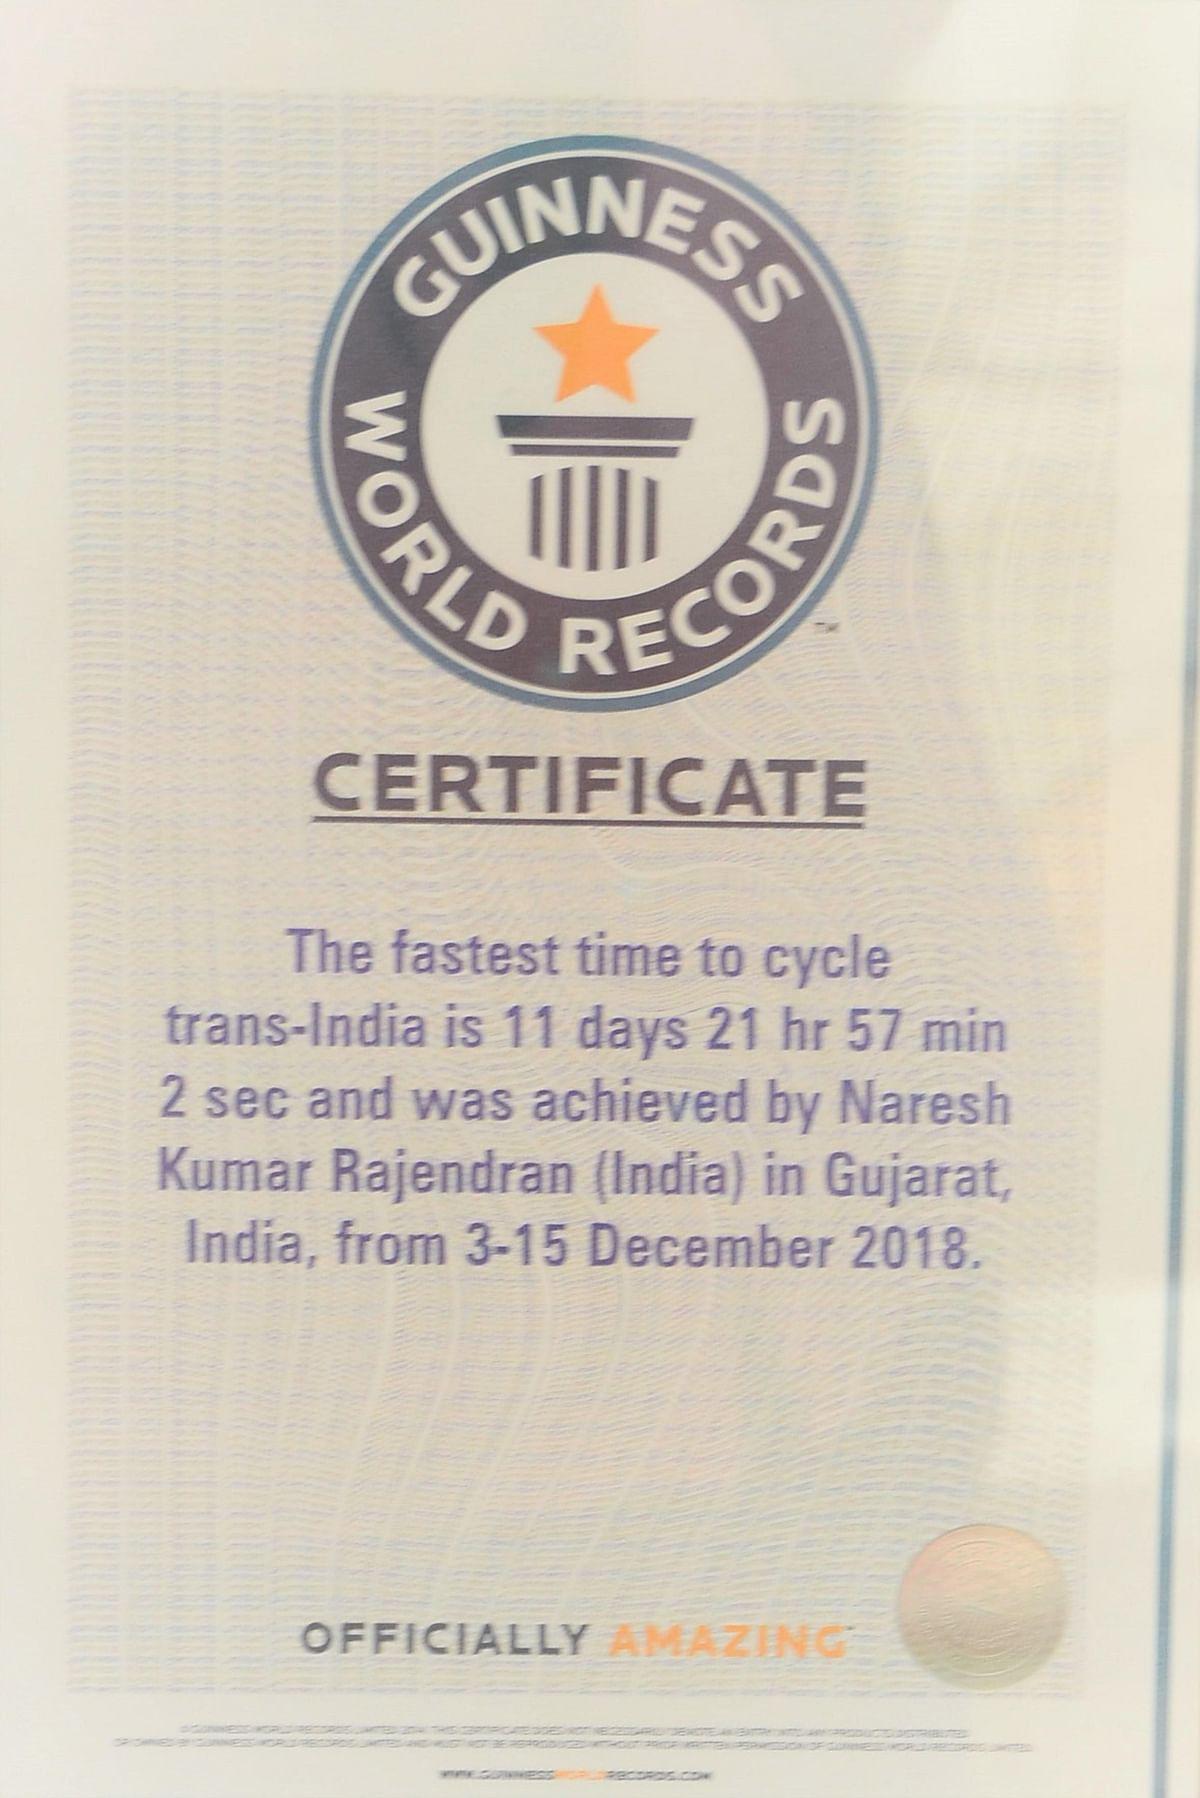 `12 நாள்களில் 3,846 கிலோ மீட்டர் சைக்கிள் பயணம்!' - வேலூர் இளைஞர் கின்னஸ் சாதனை